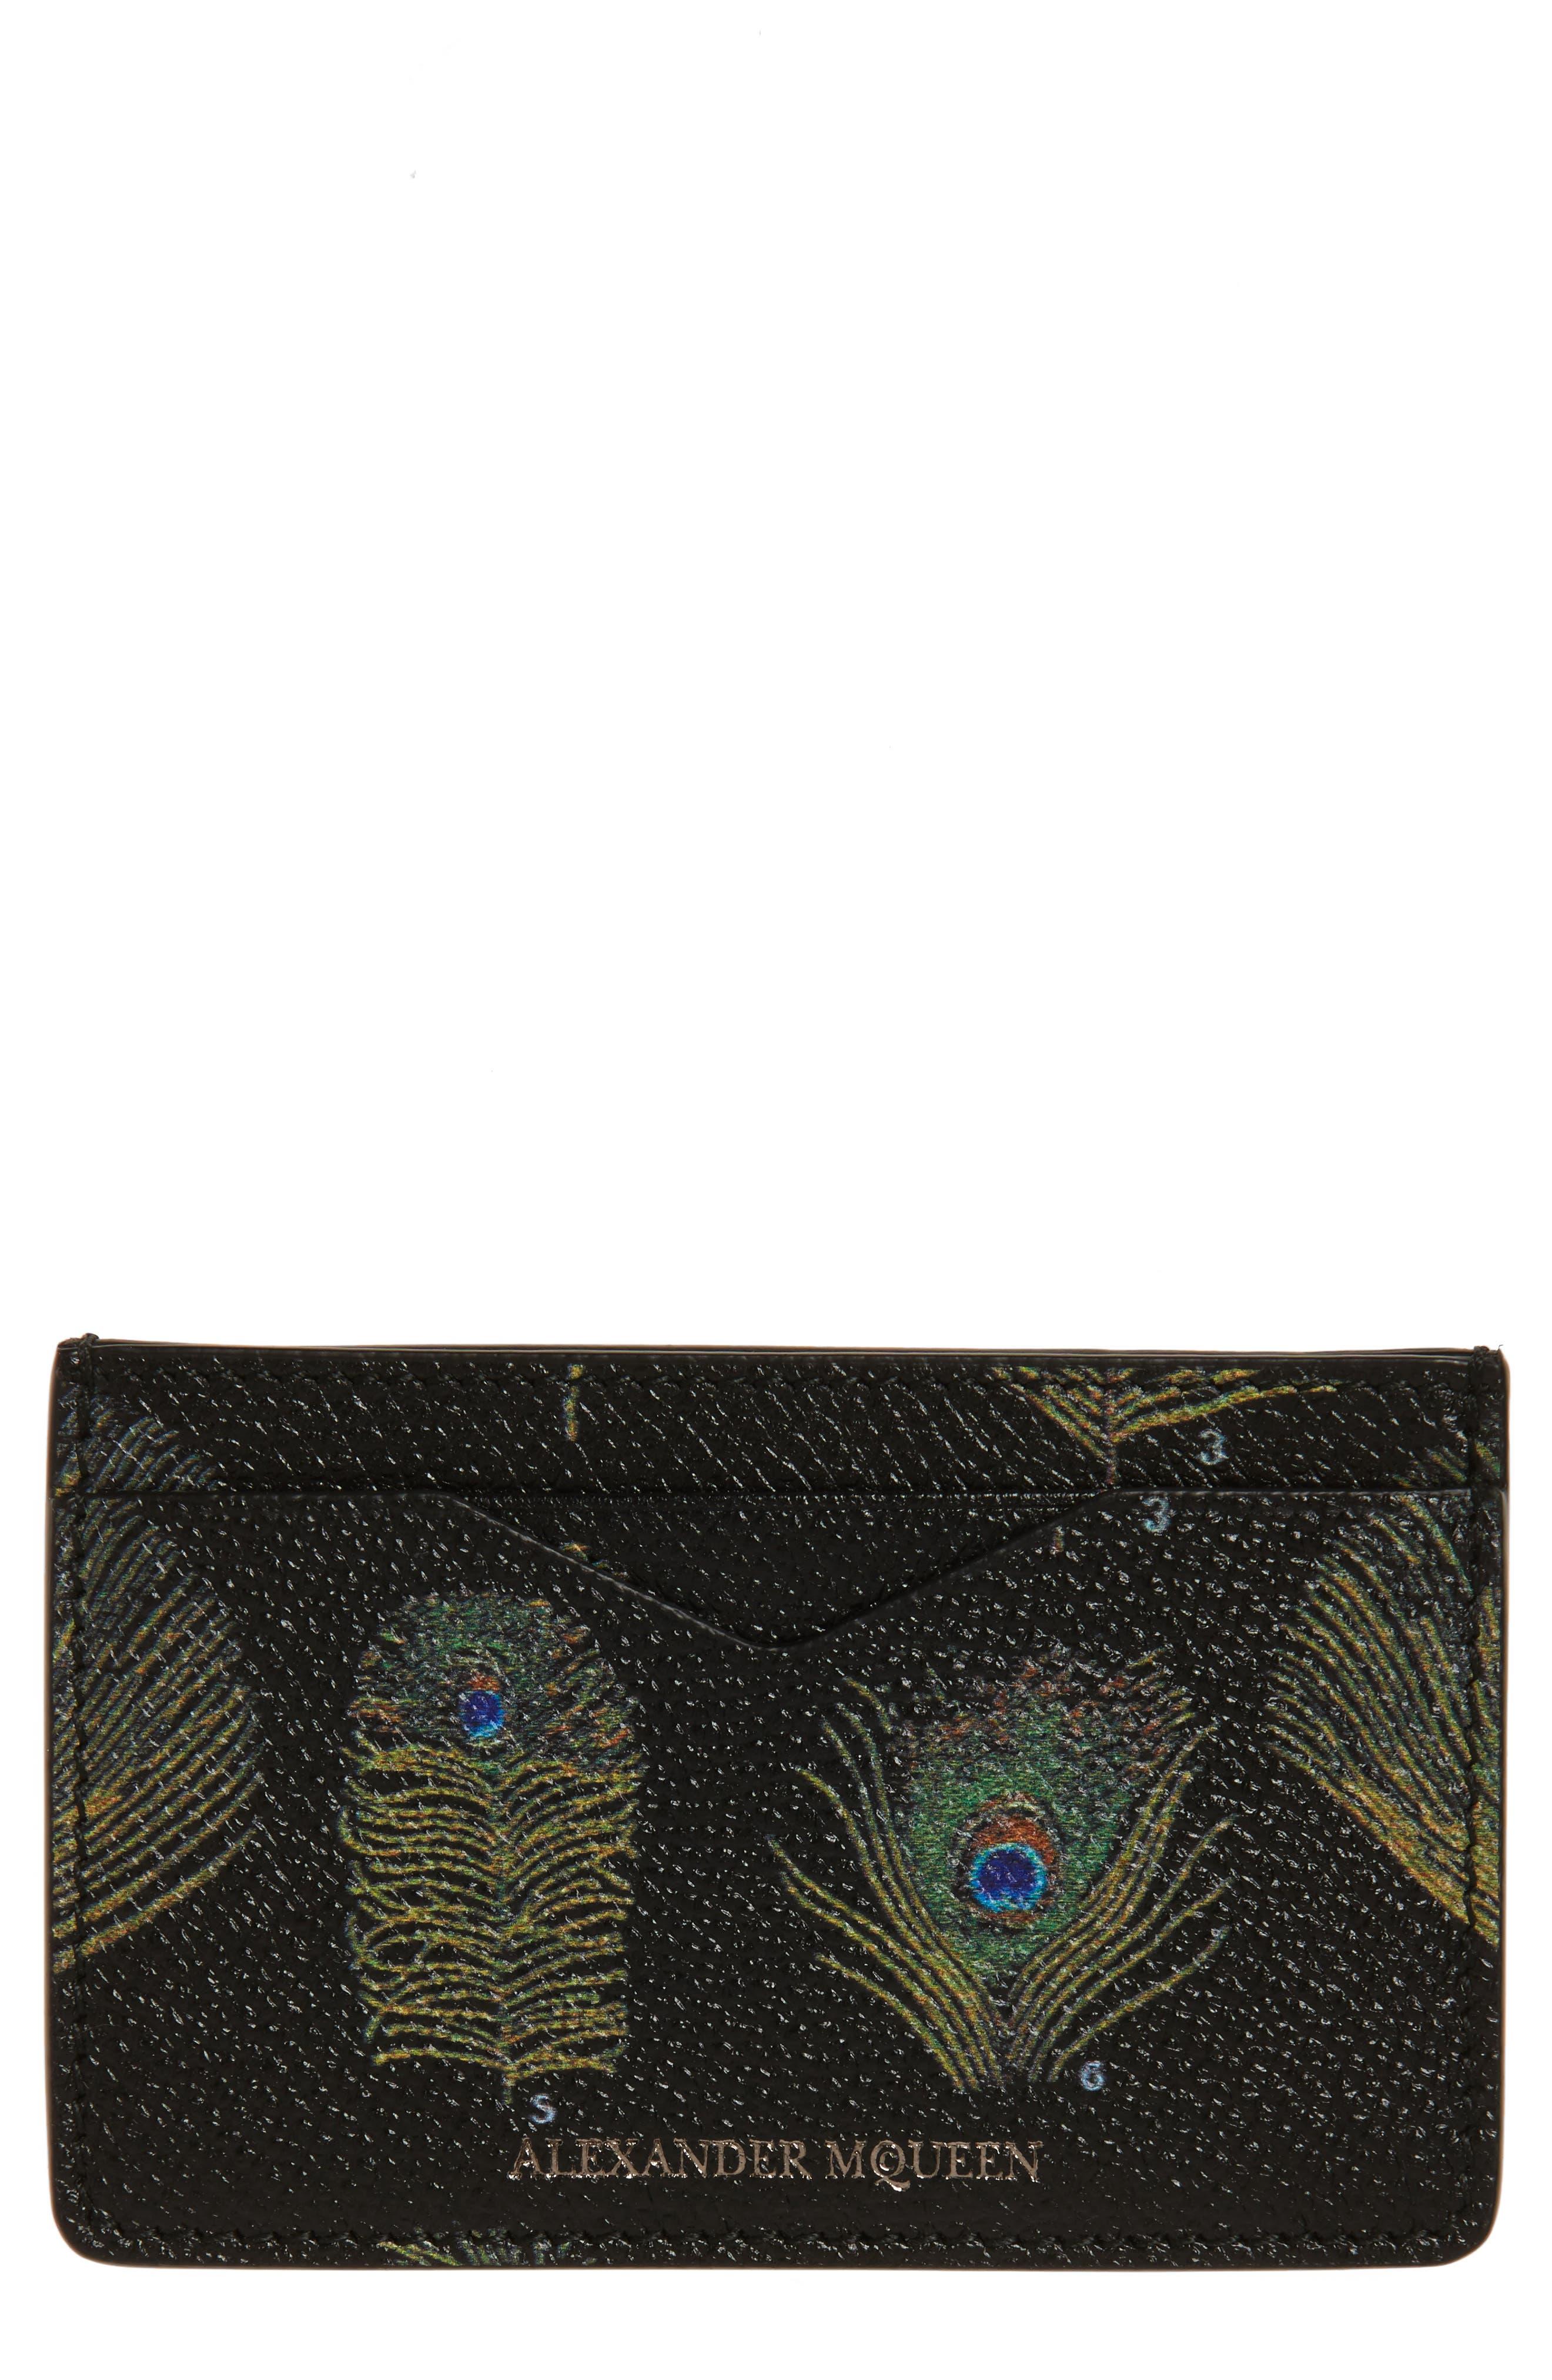 Alexander McQueen Peacock Feather Card Case